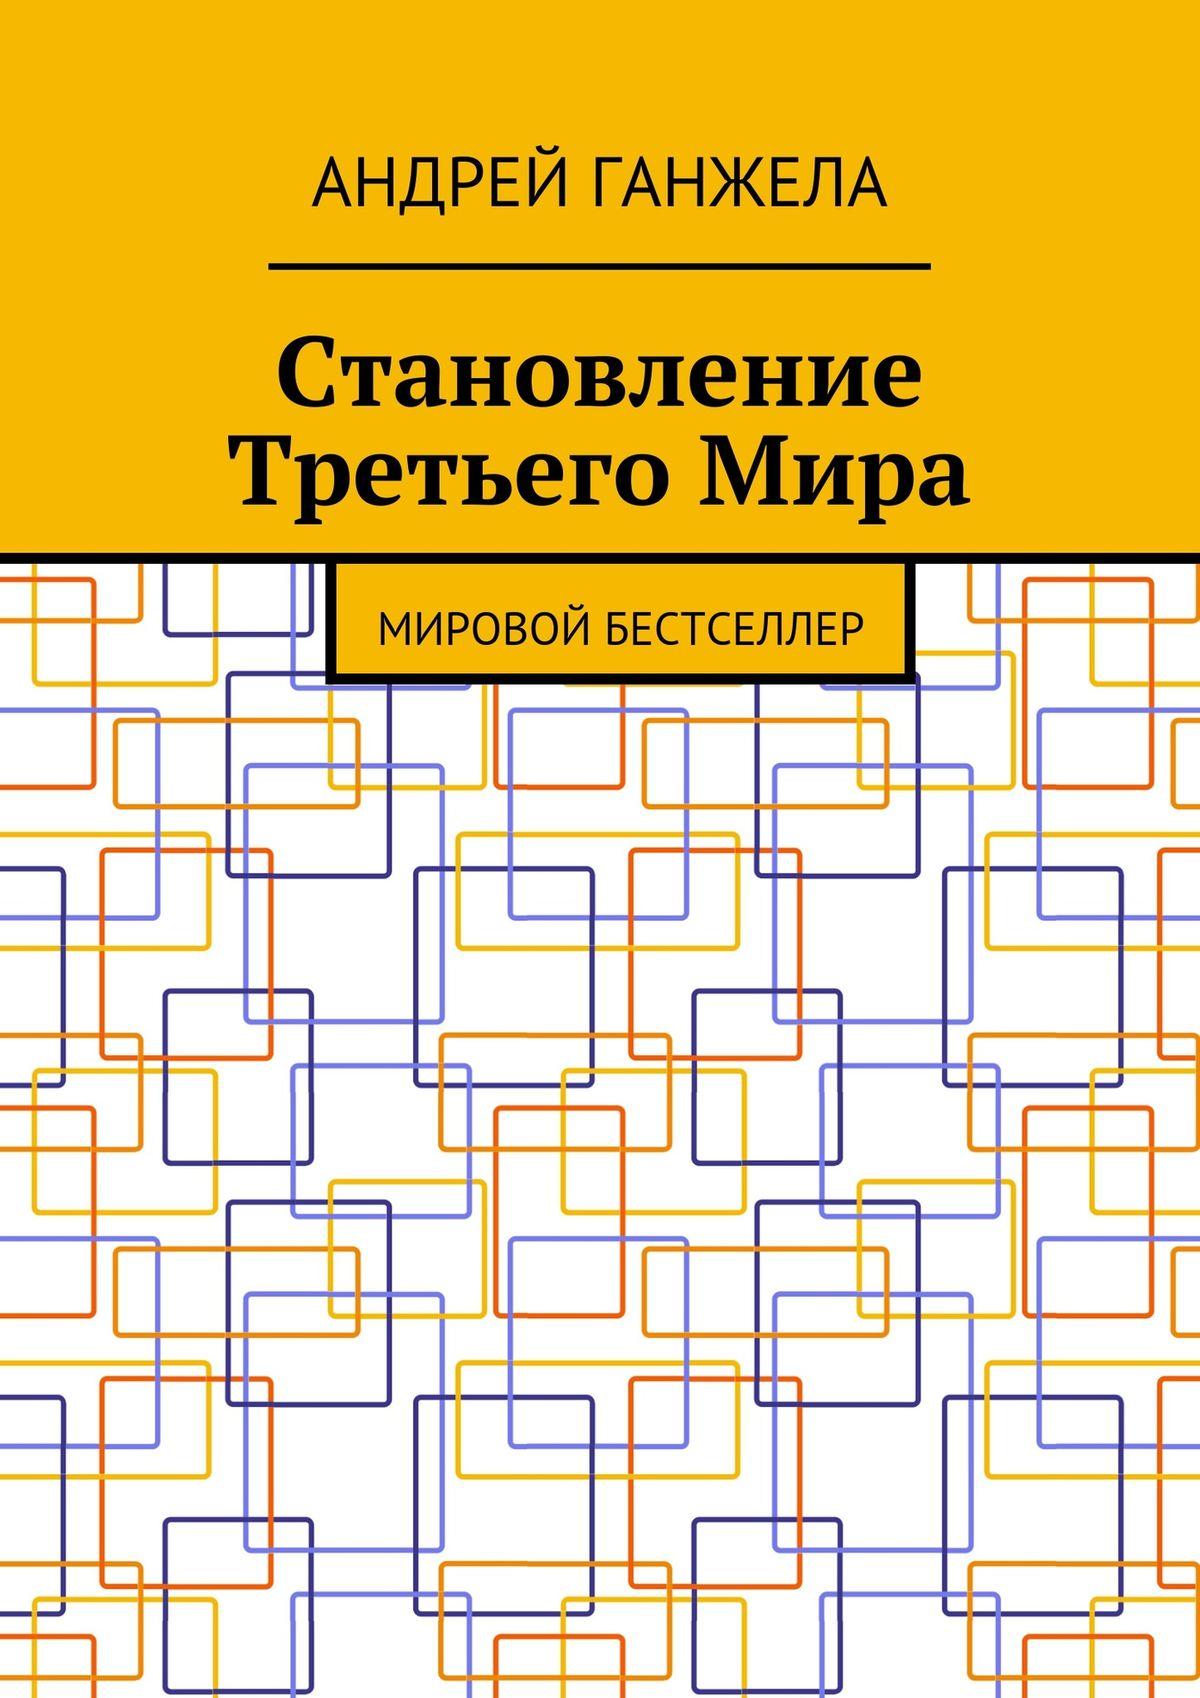 Андрей Ганжела Становление ТретьегоМира. Мировой бестселлер и в переятенец моё открытие чеченского мира